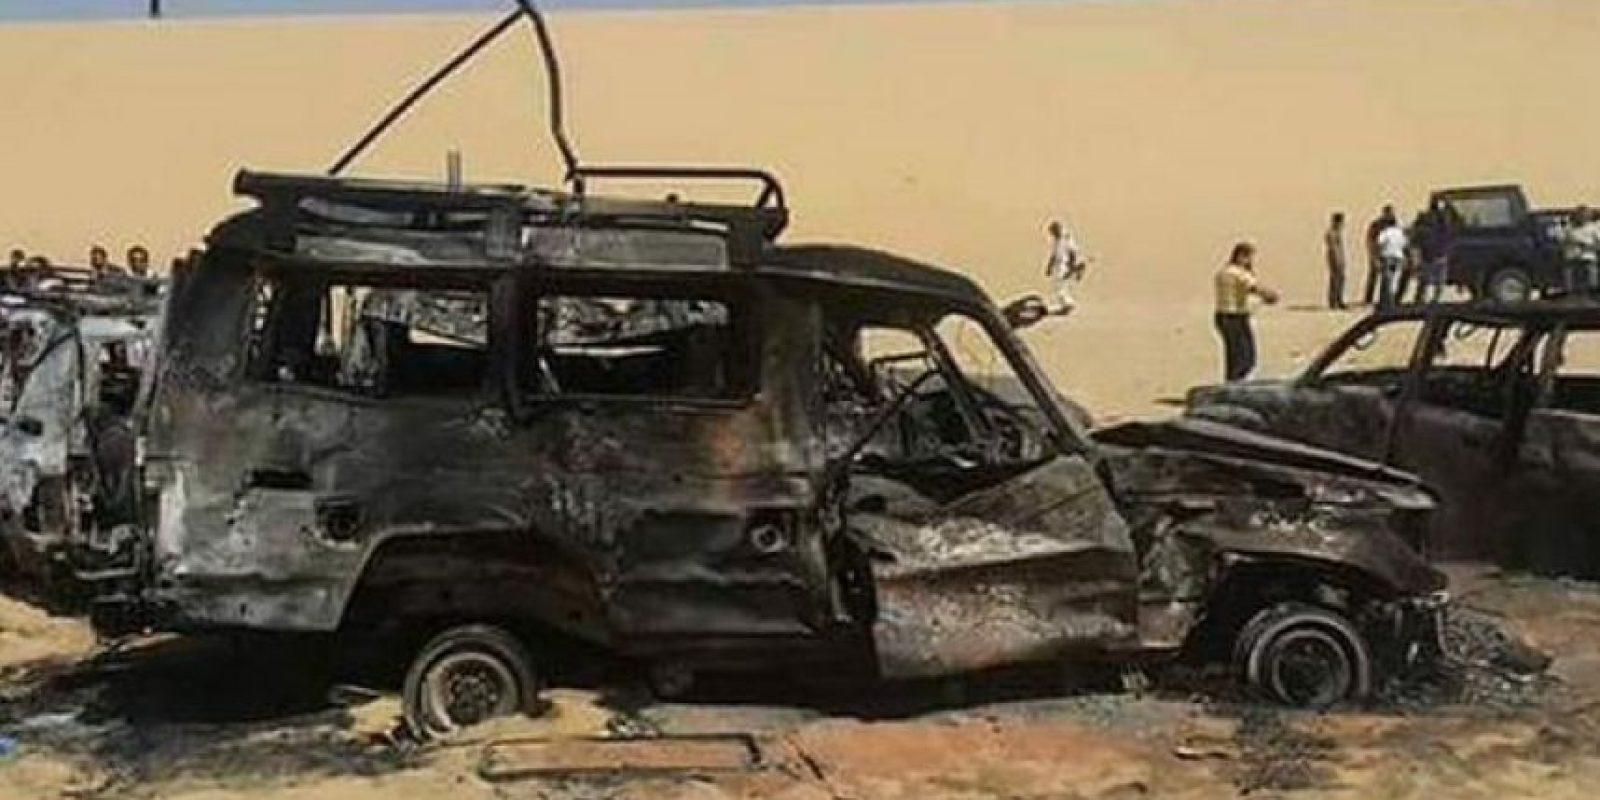 imagen difundida por medios egipcios de cómo quedó la camioneta en la que viajaban los turistas Foto:Especial